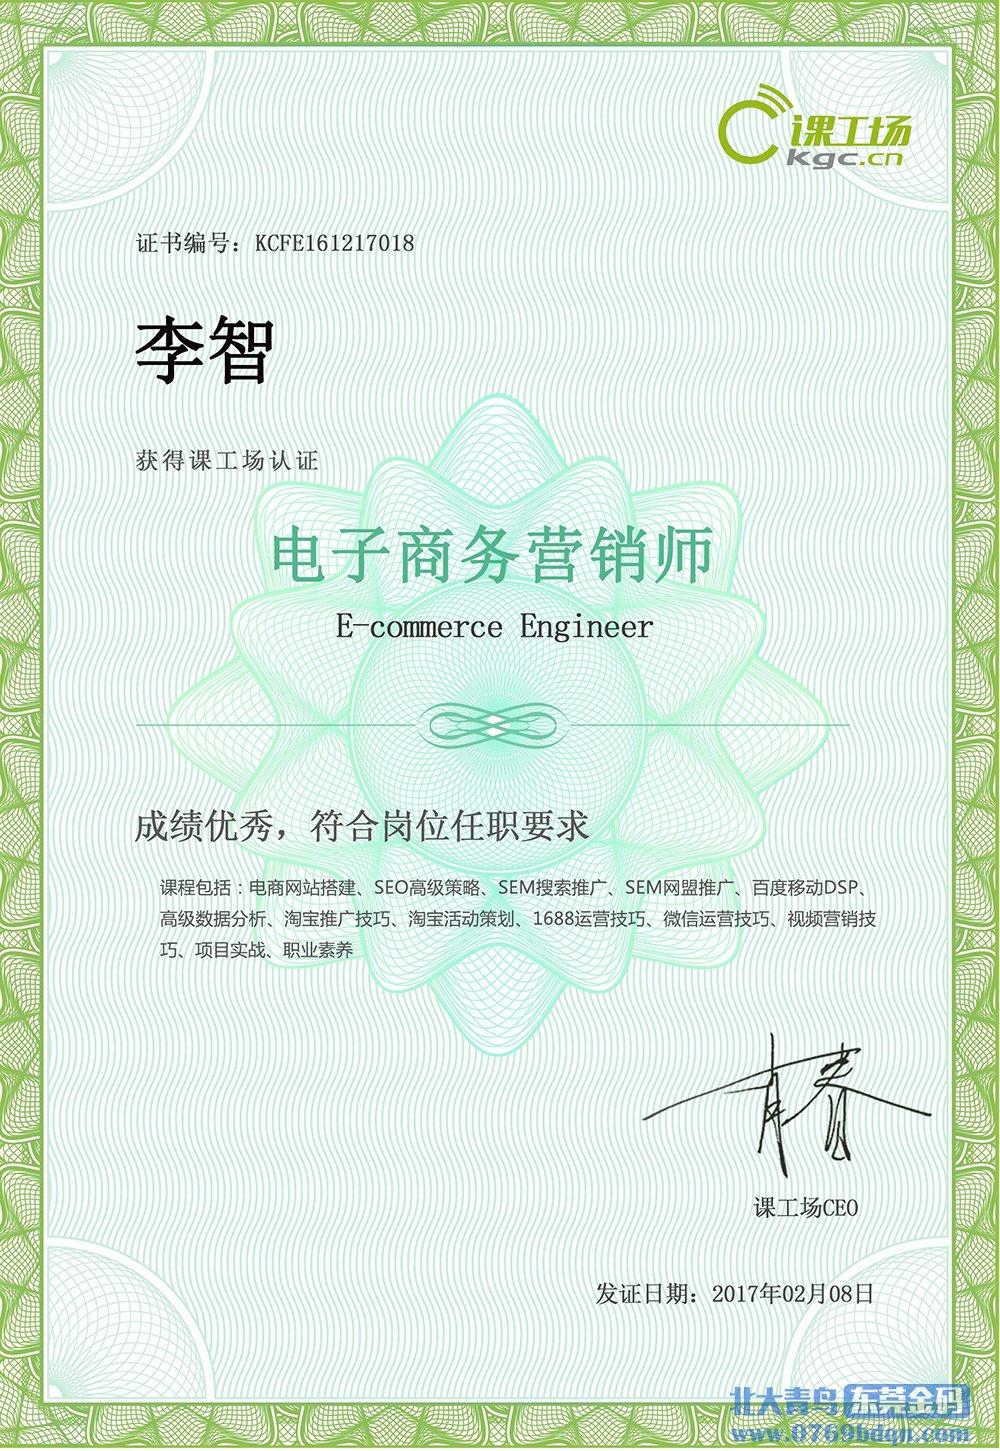 课工场-电子商务营销师证书